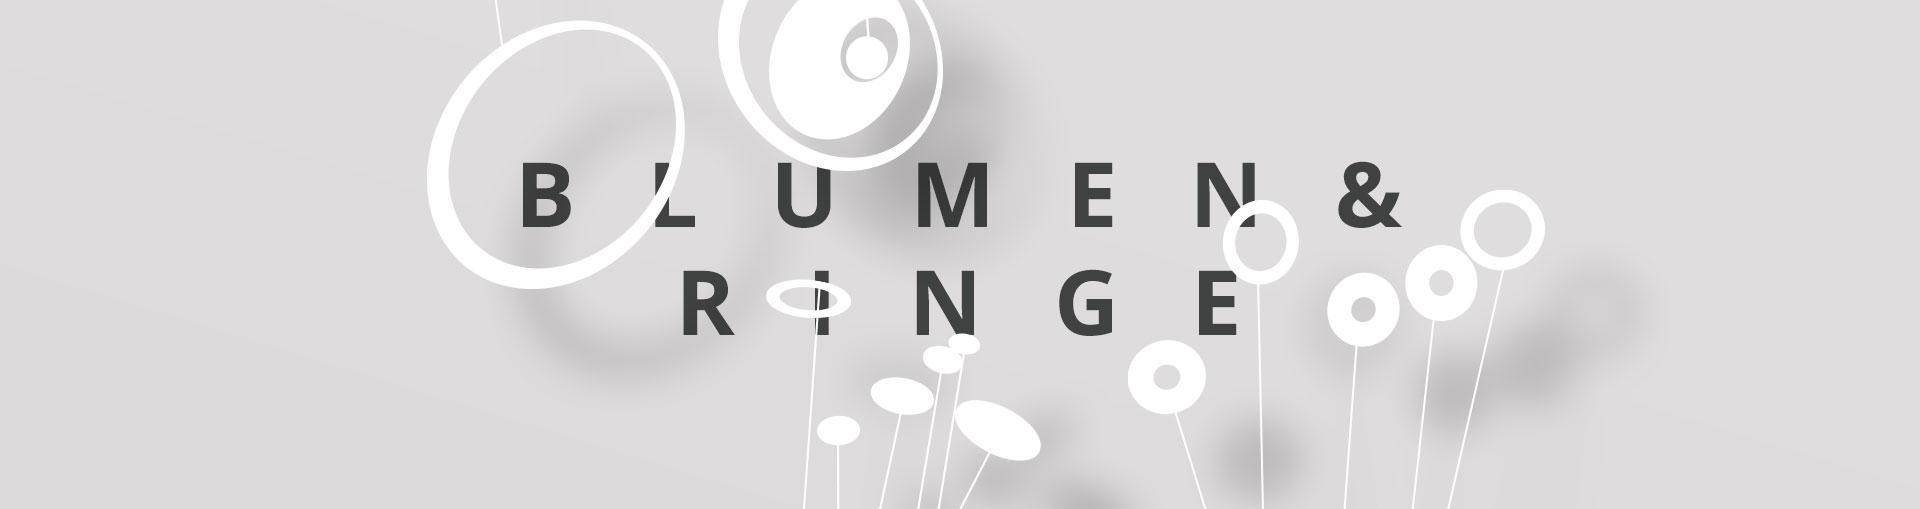 Winterblumen, Sommerblumen, Baumringe, Online-Shop Annette Rawe